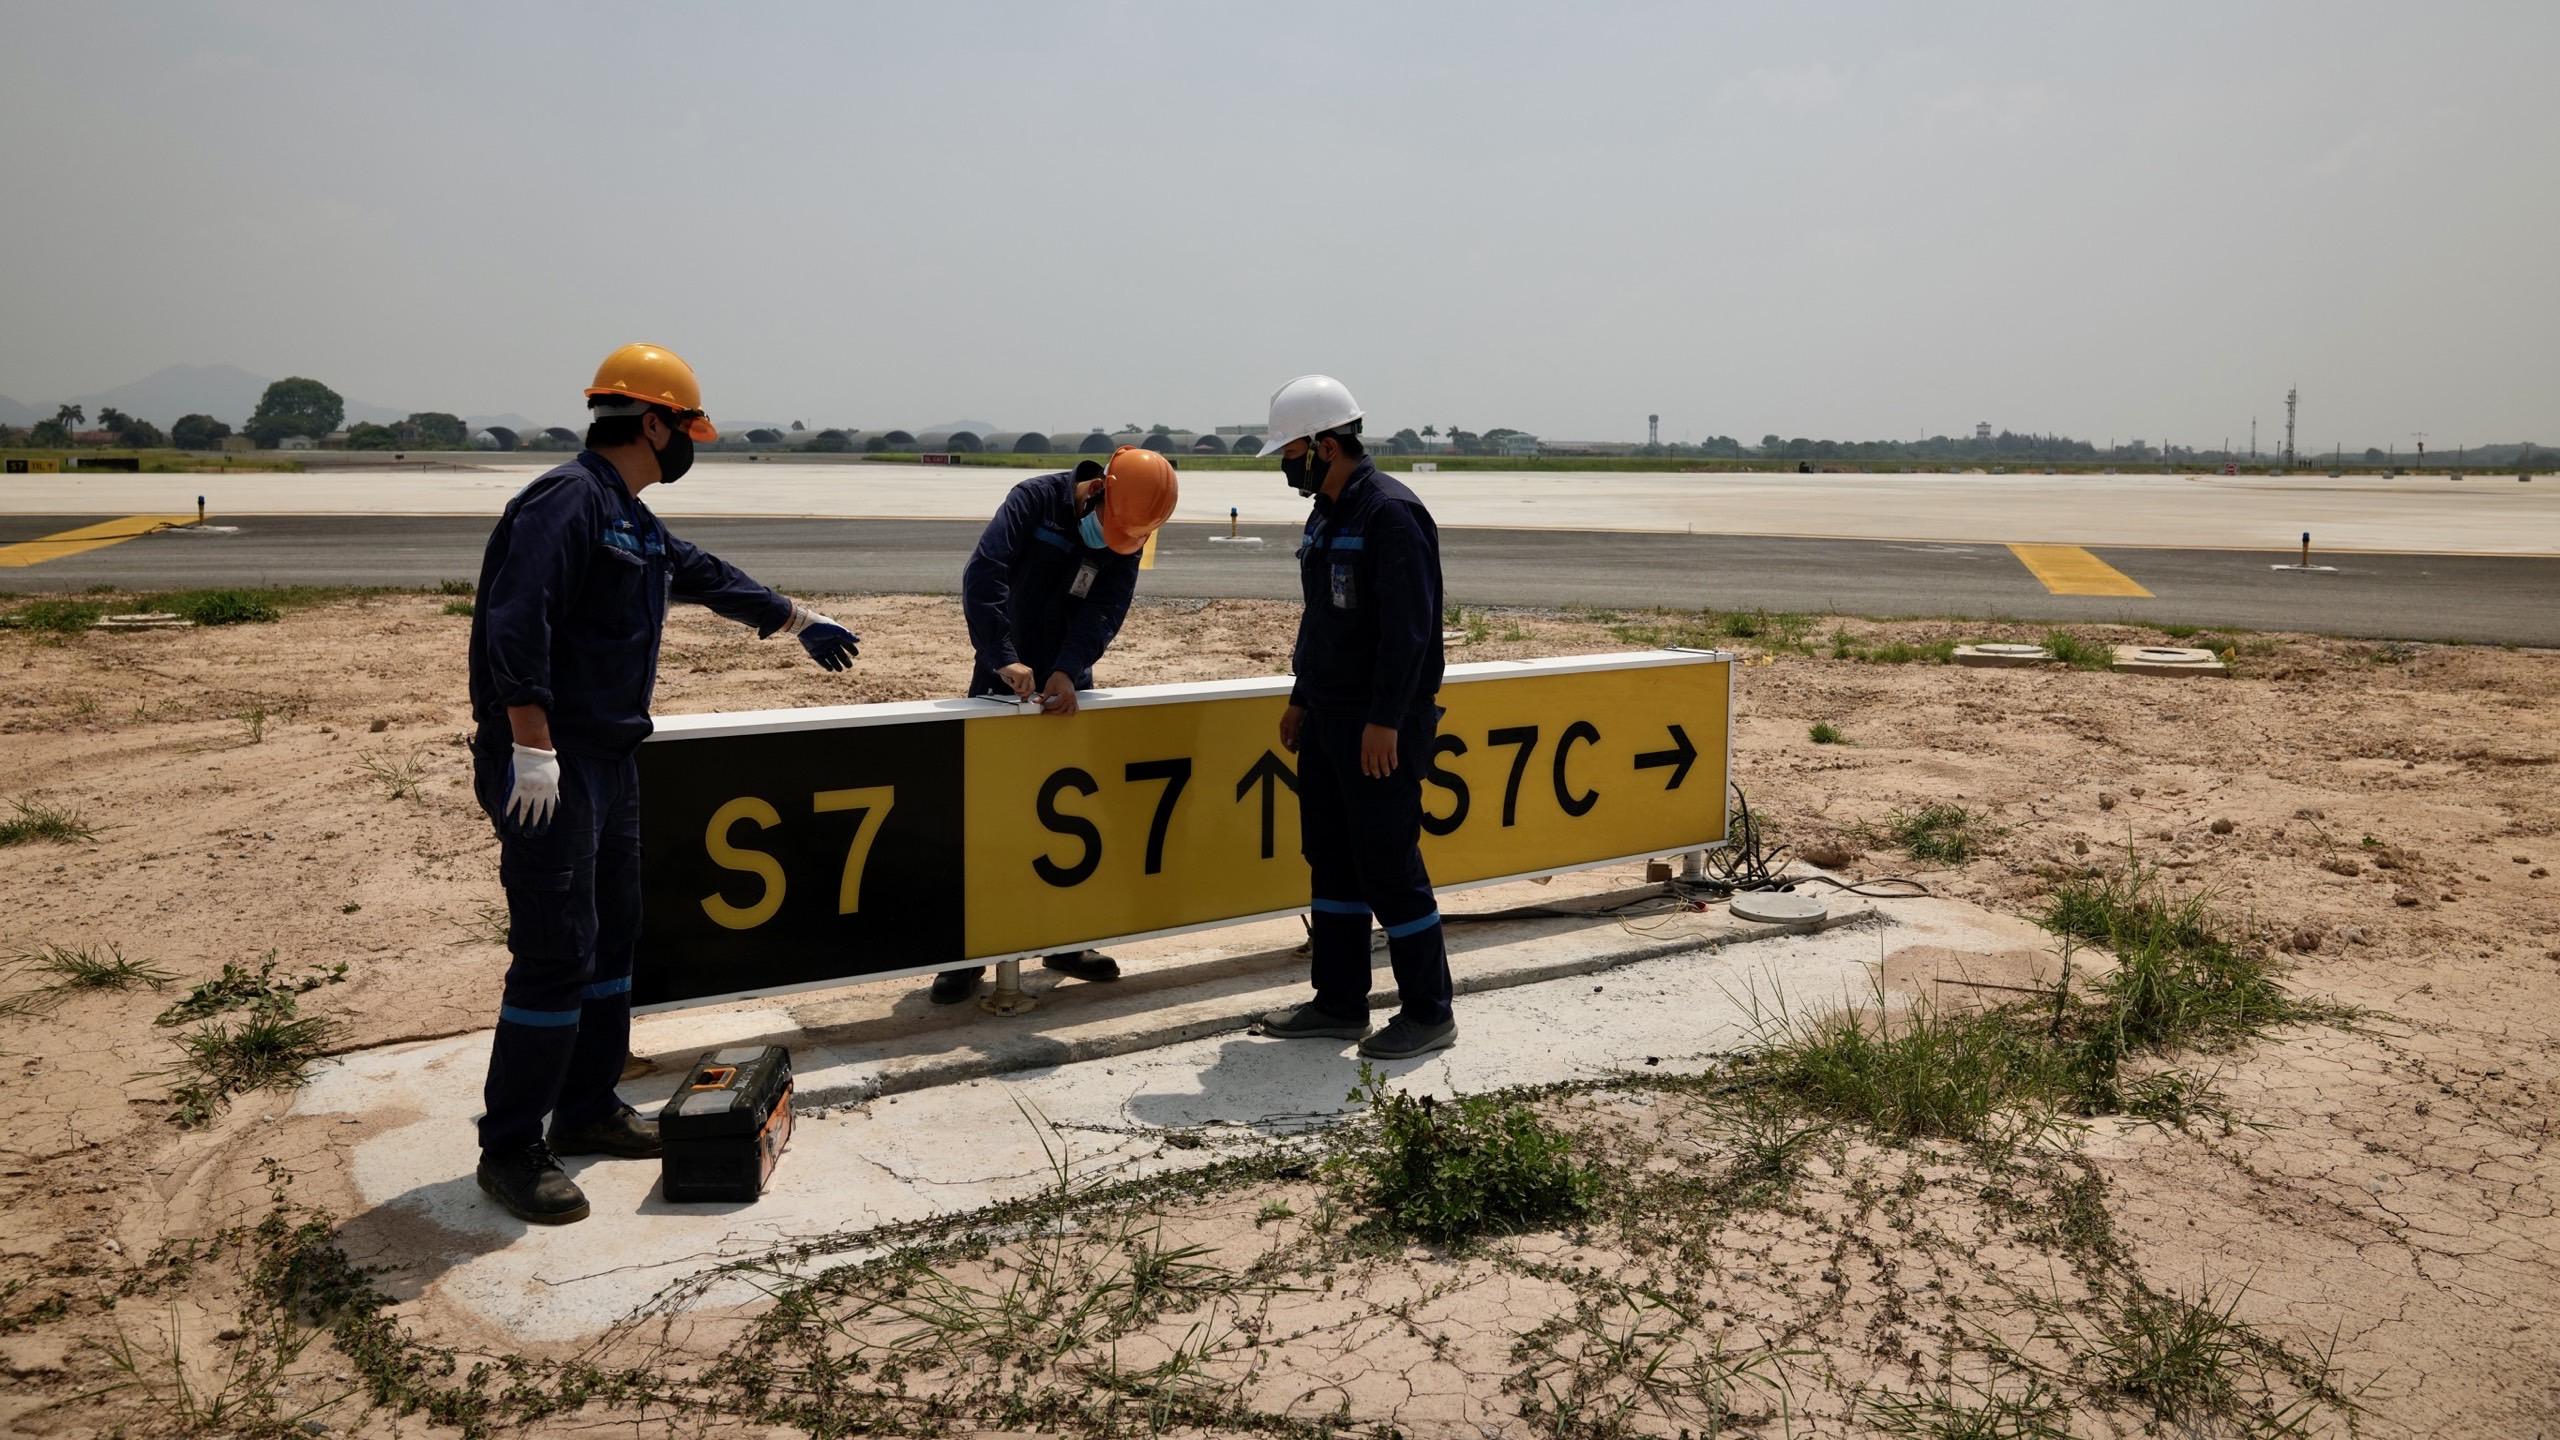 Nhân viên hàng không đẫm mồ hôi trên nền bê tông nóng bỏng 56 độ C - Ảnh 8.